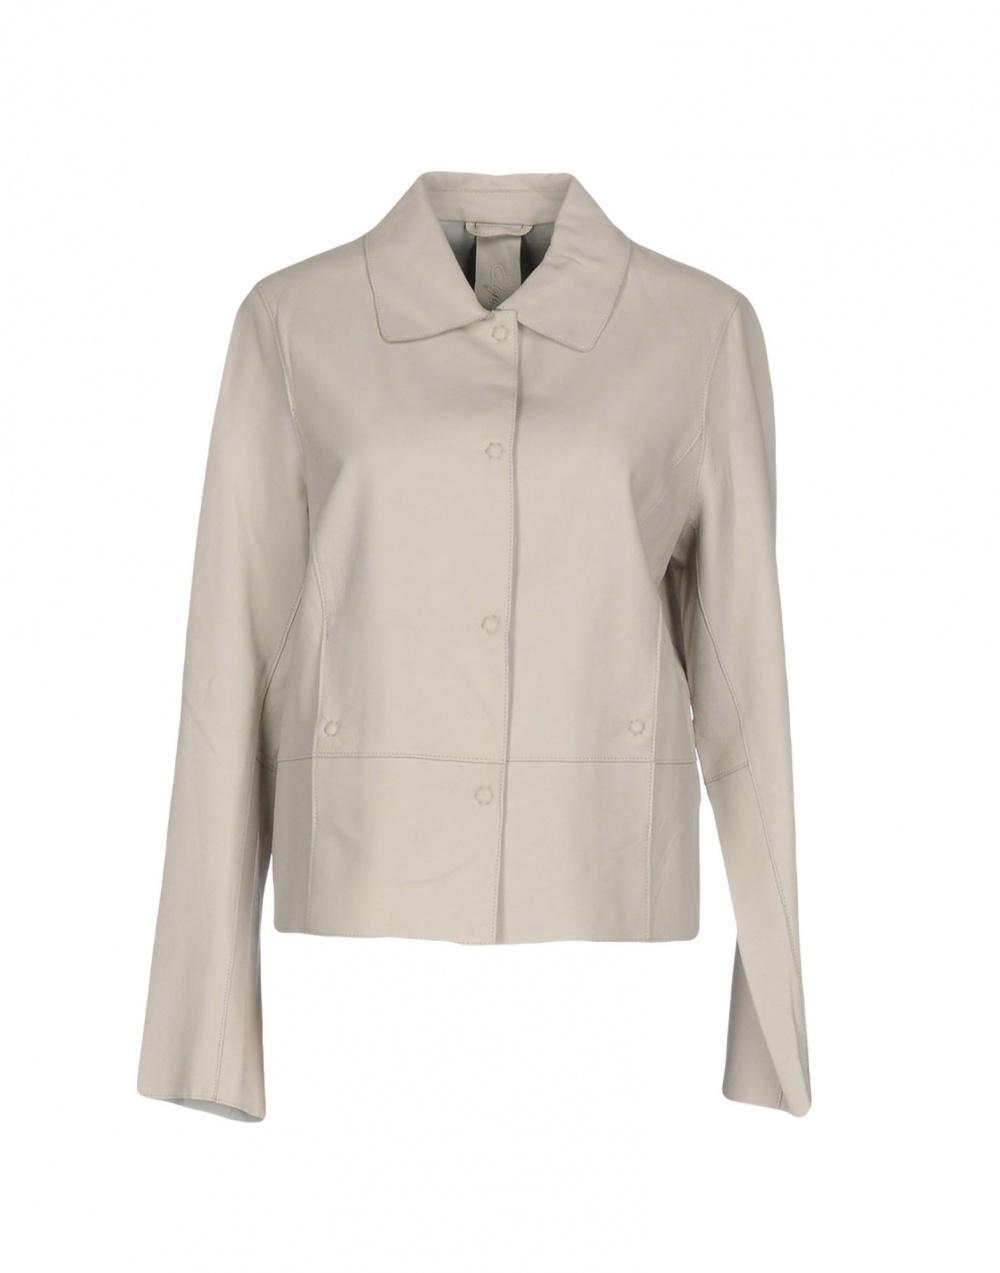 Кожаная куртка EDGE 44-46росс